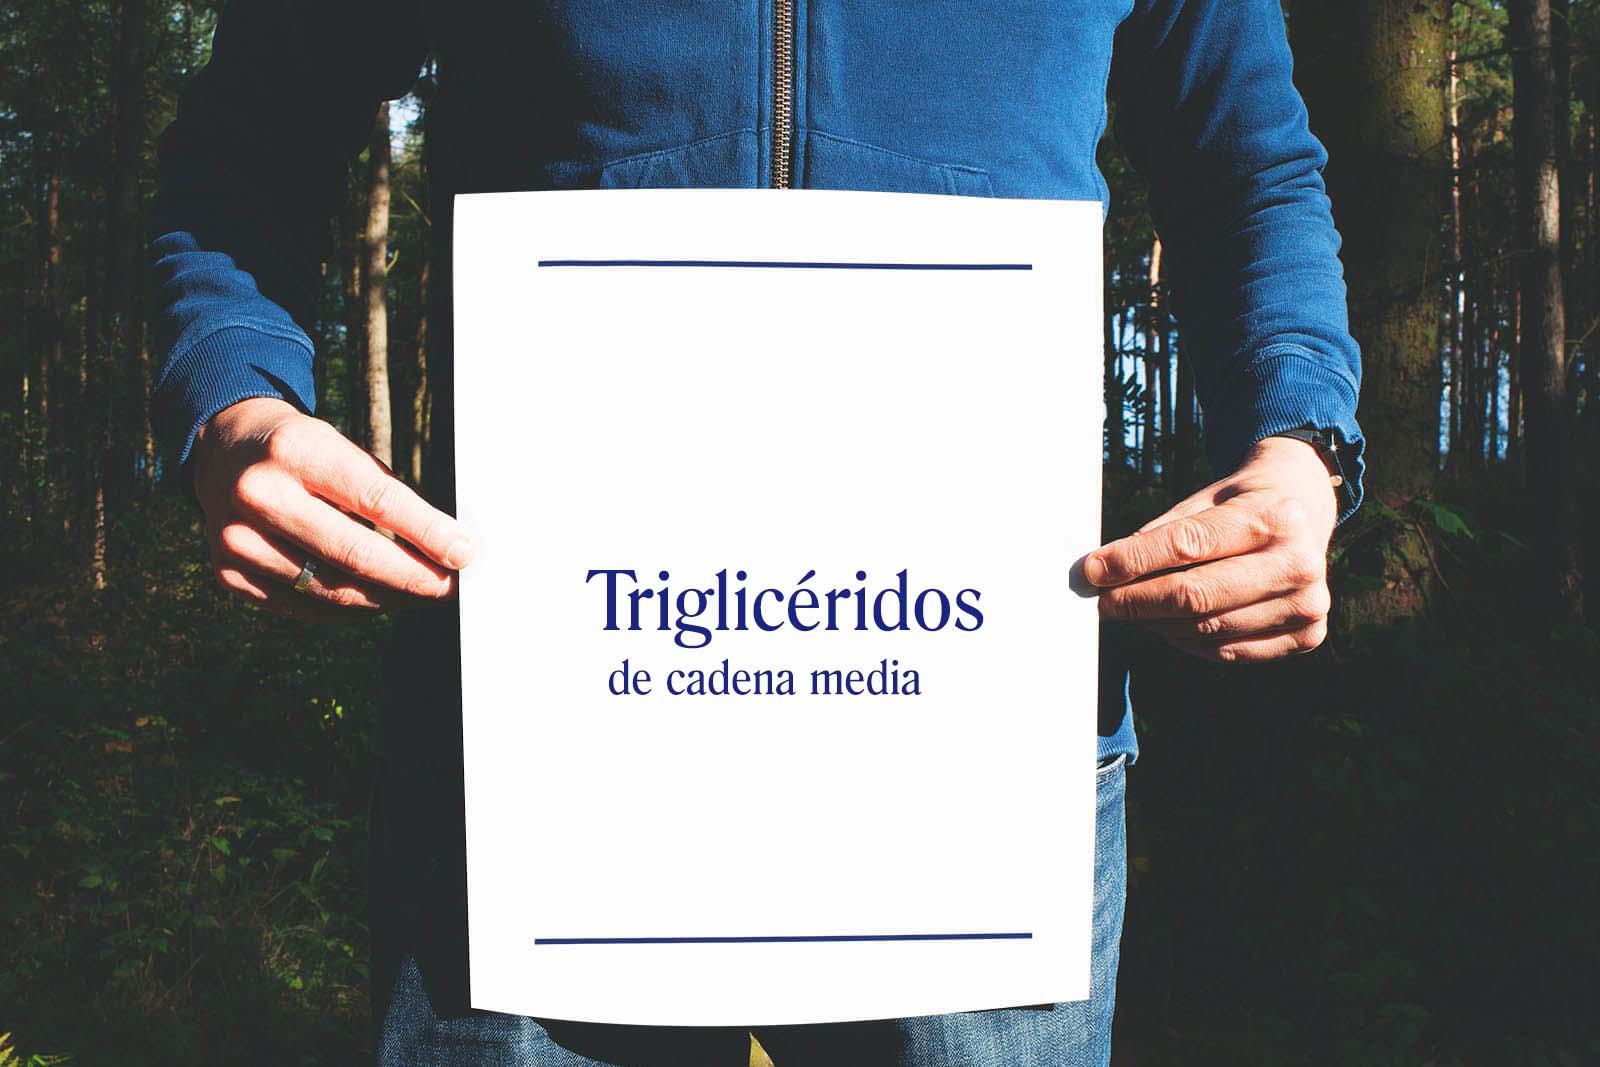 Triglicéridos de cadena media